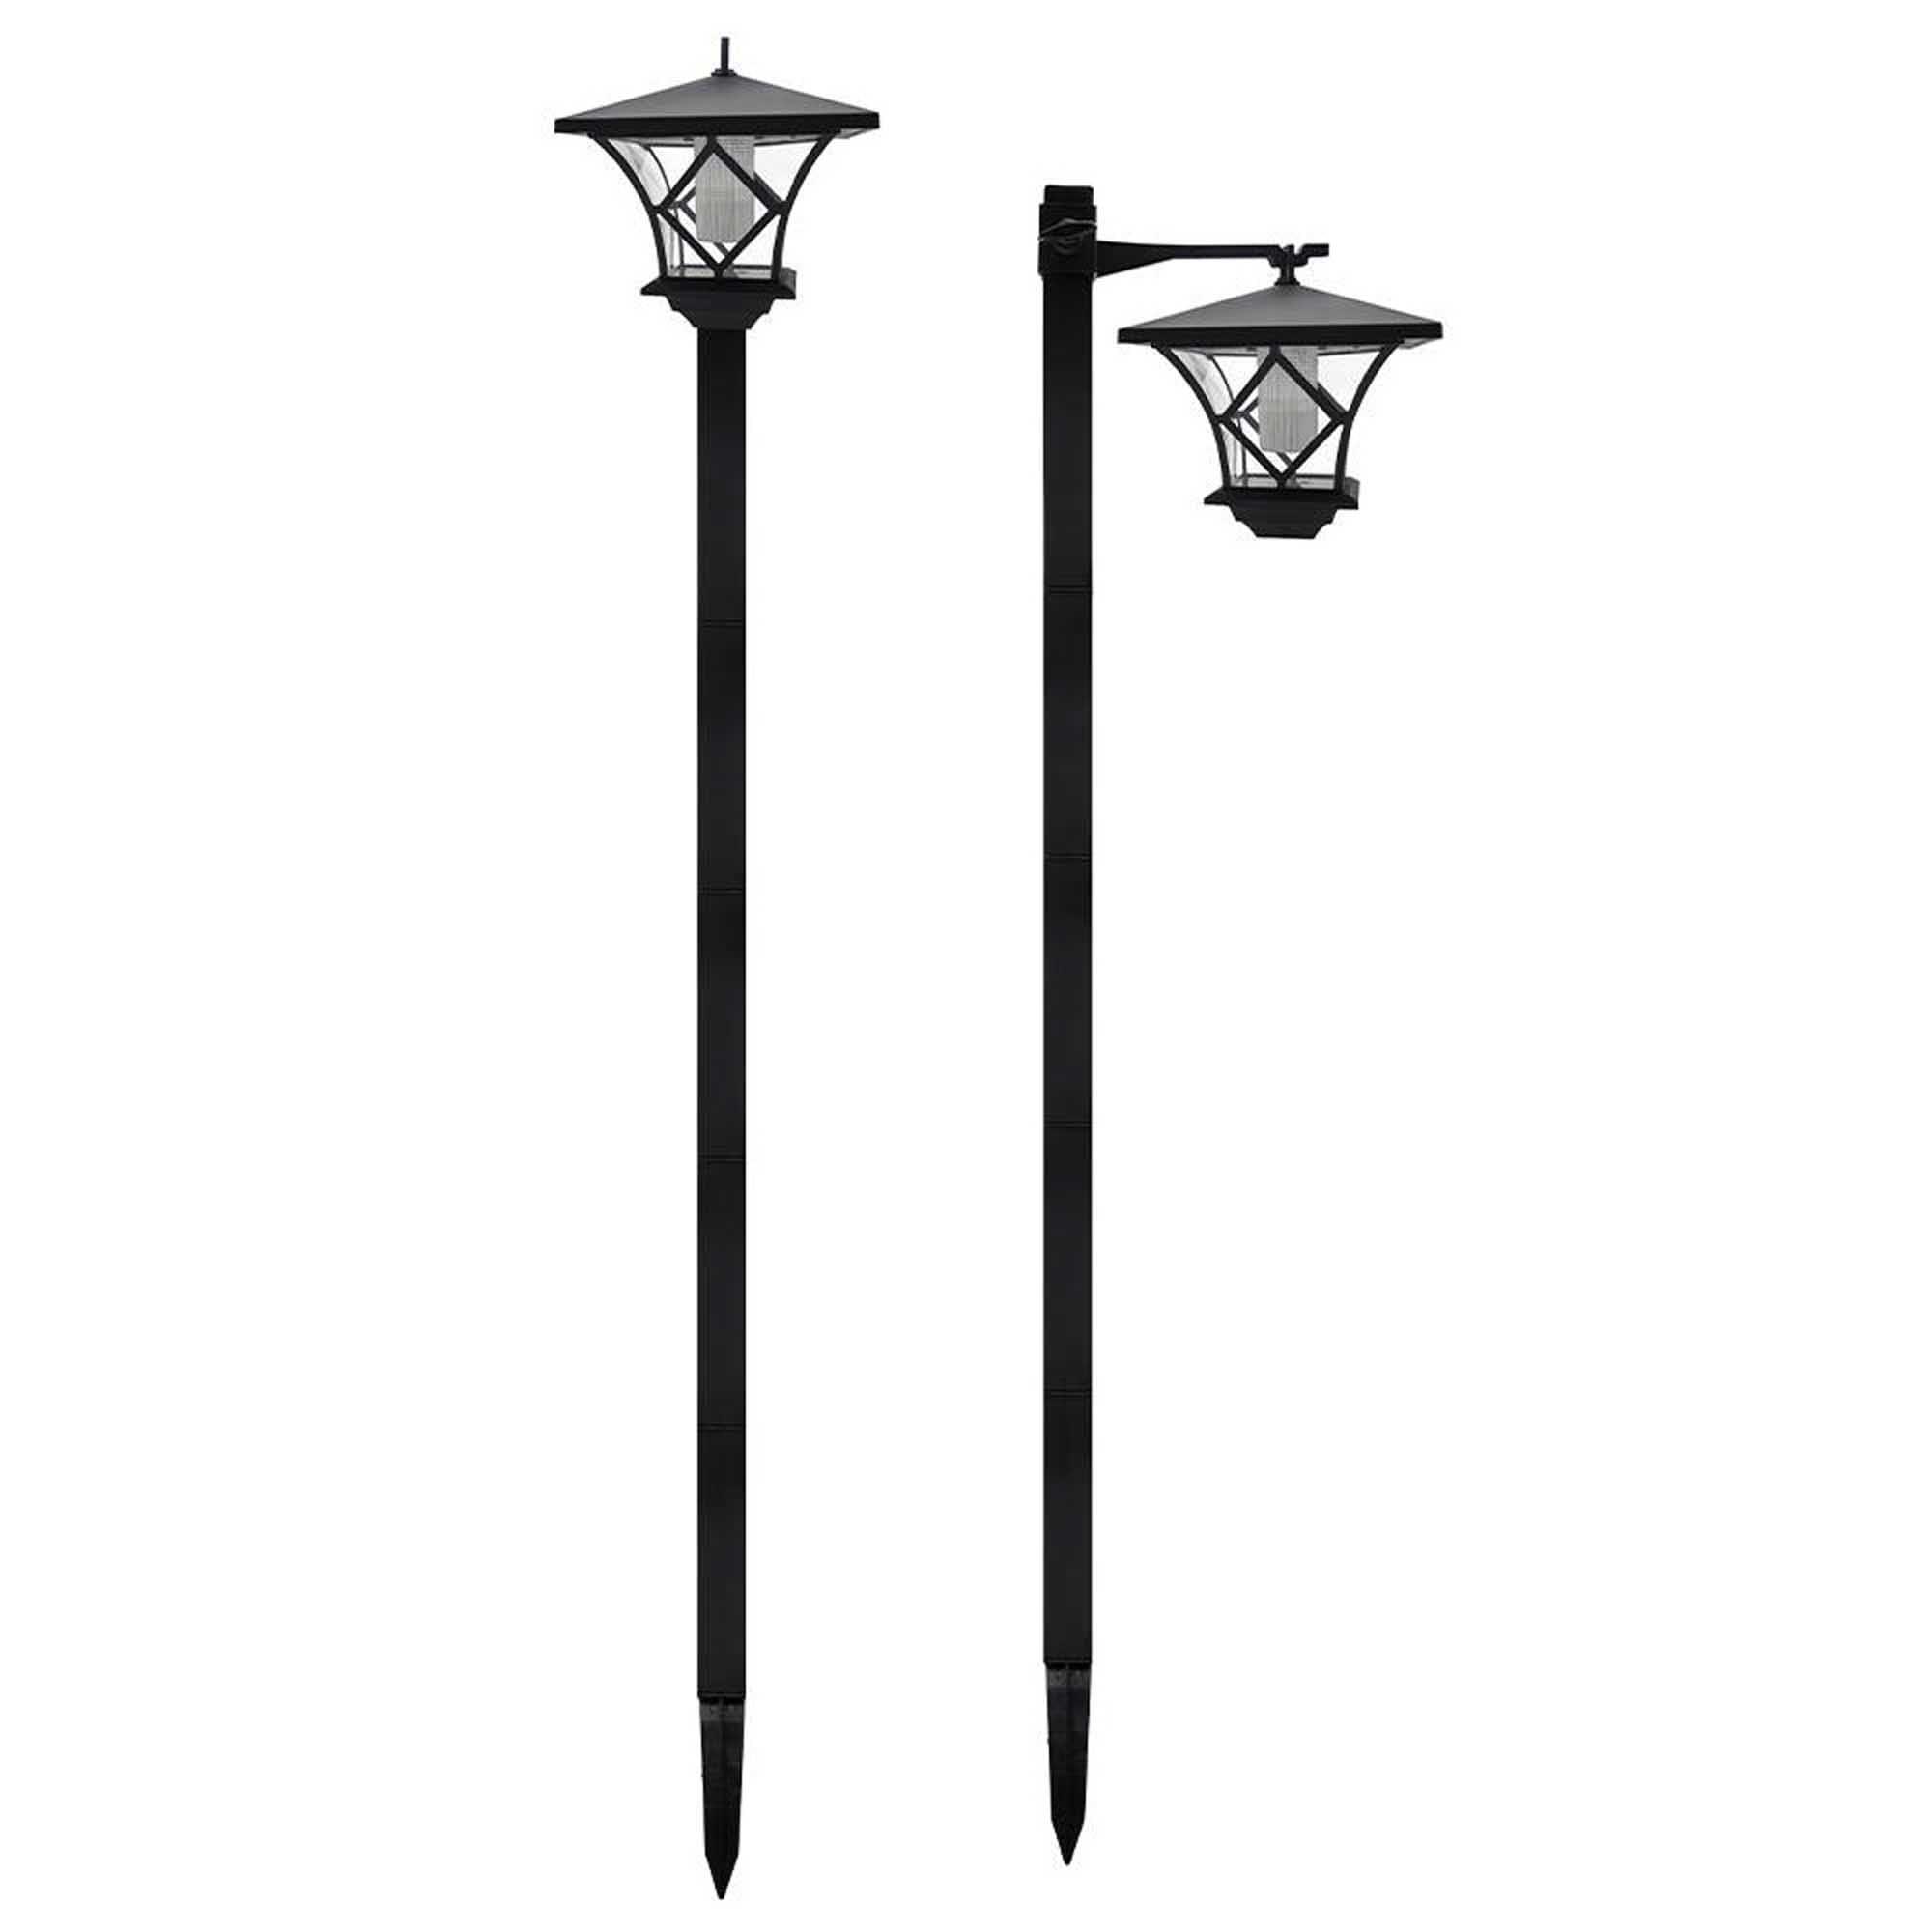 BRIXTON-Lot de 2 lampadaires solaires plastique noir H155cm